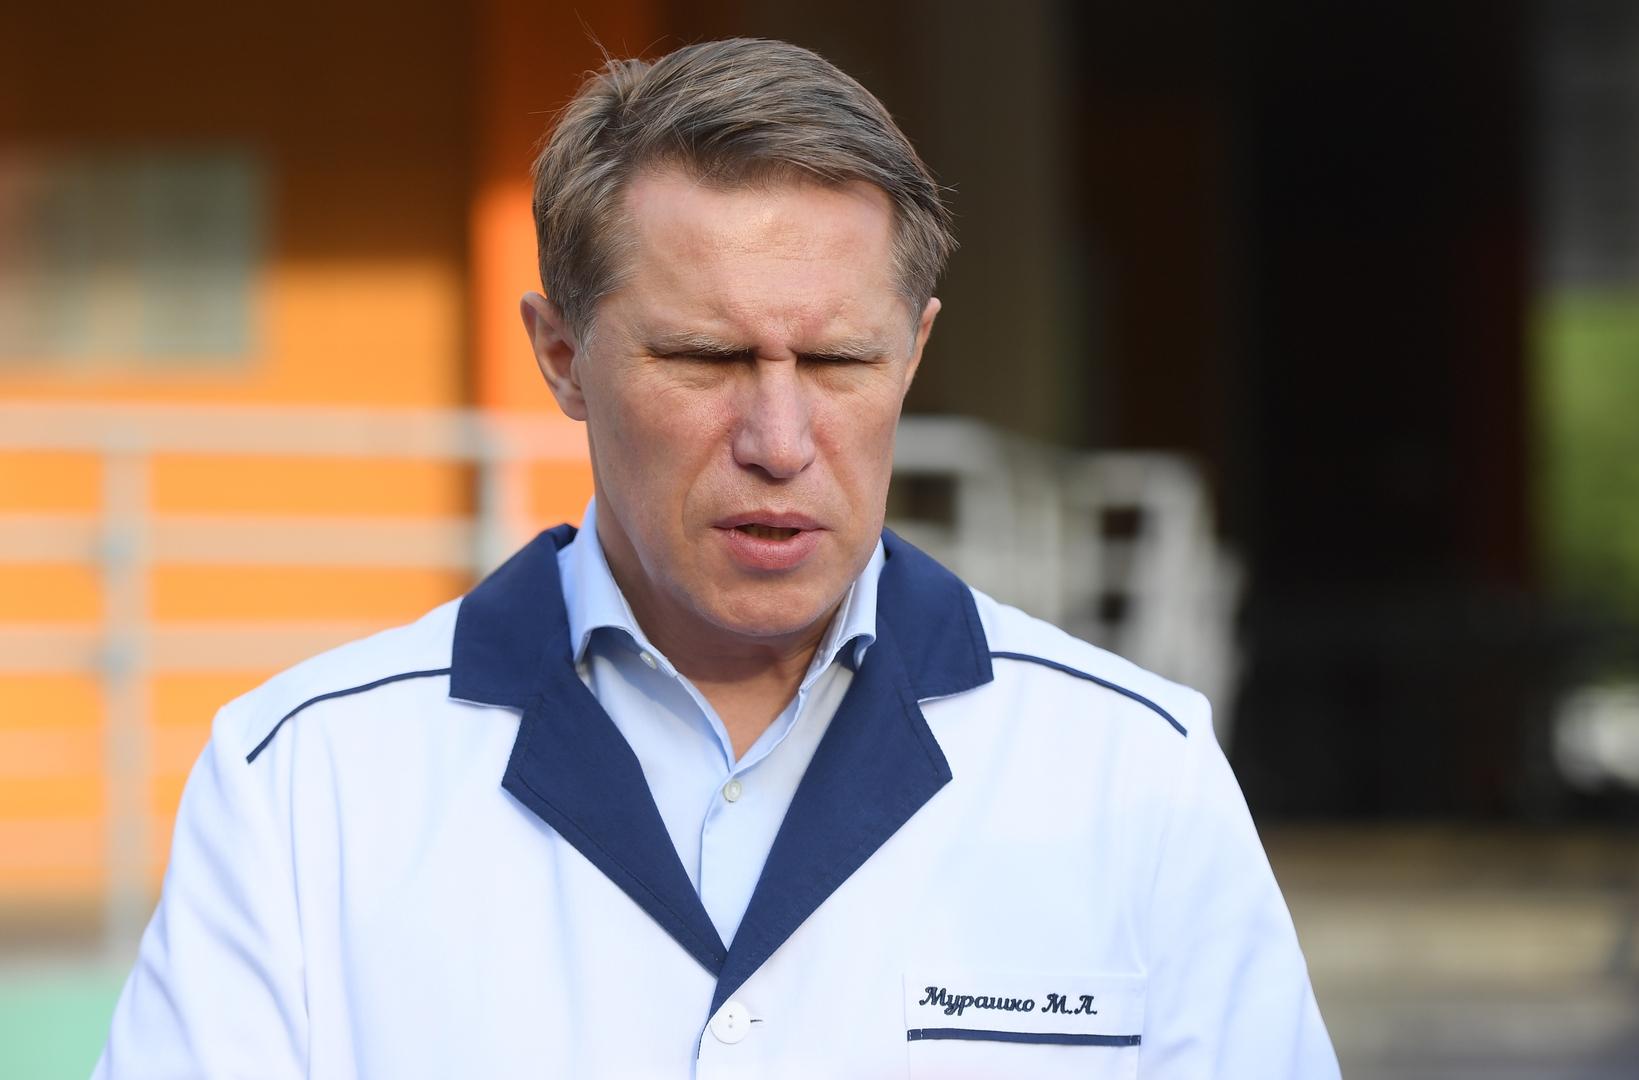 وزير الصحة الروسي يحث المواطنين على التطعيم ضد كورونا